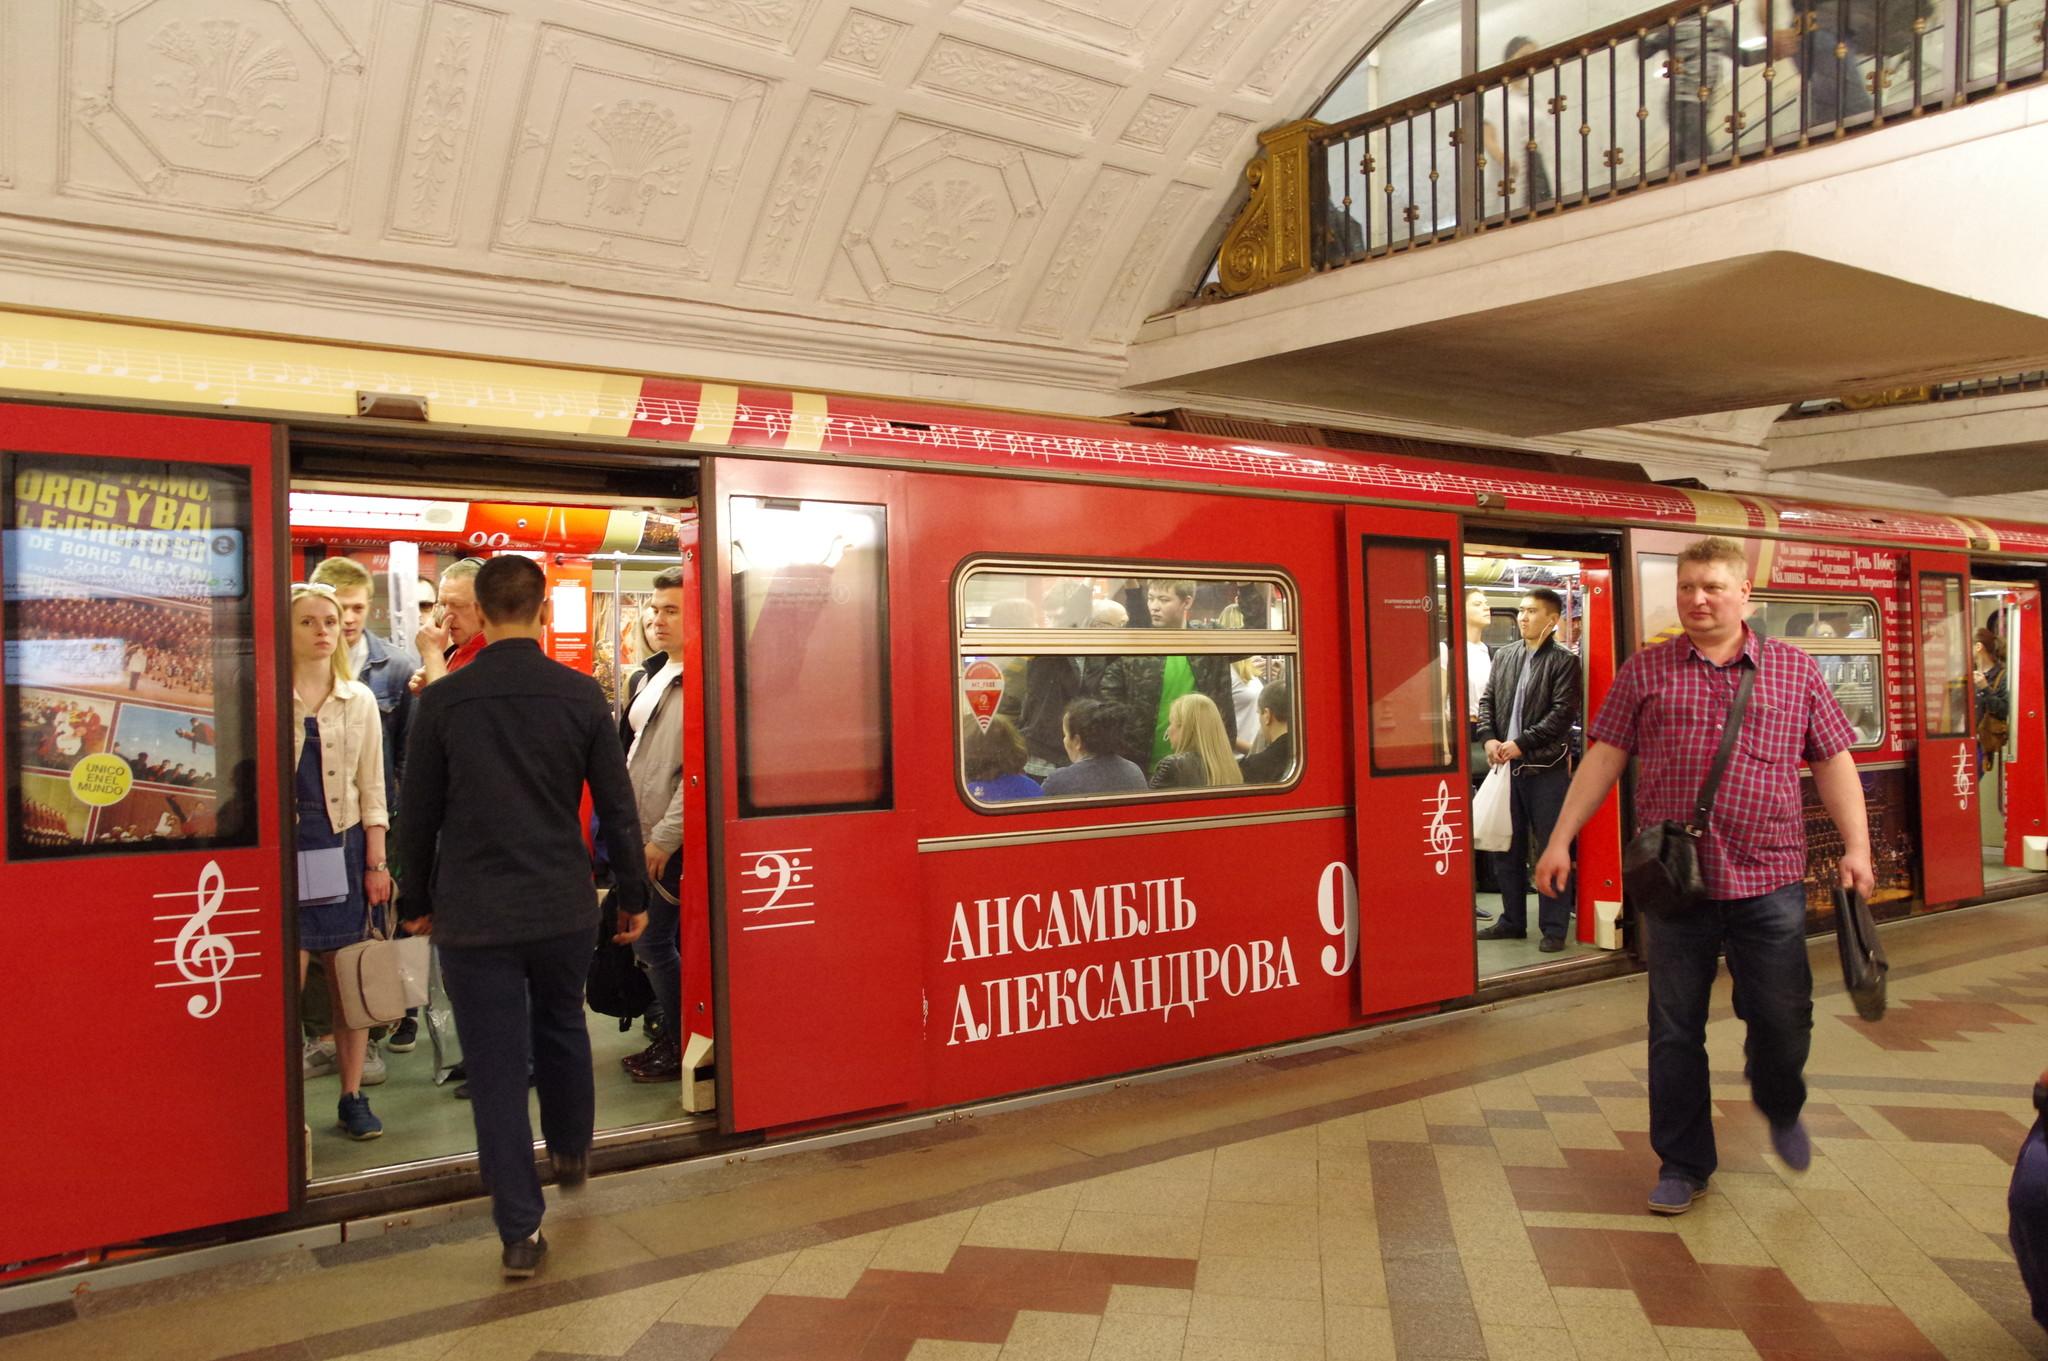 Тематический состав «Александровец» на Кольцевой линии Московского метрополитена